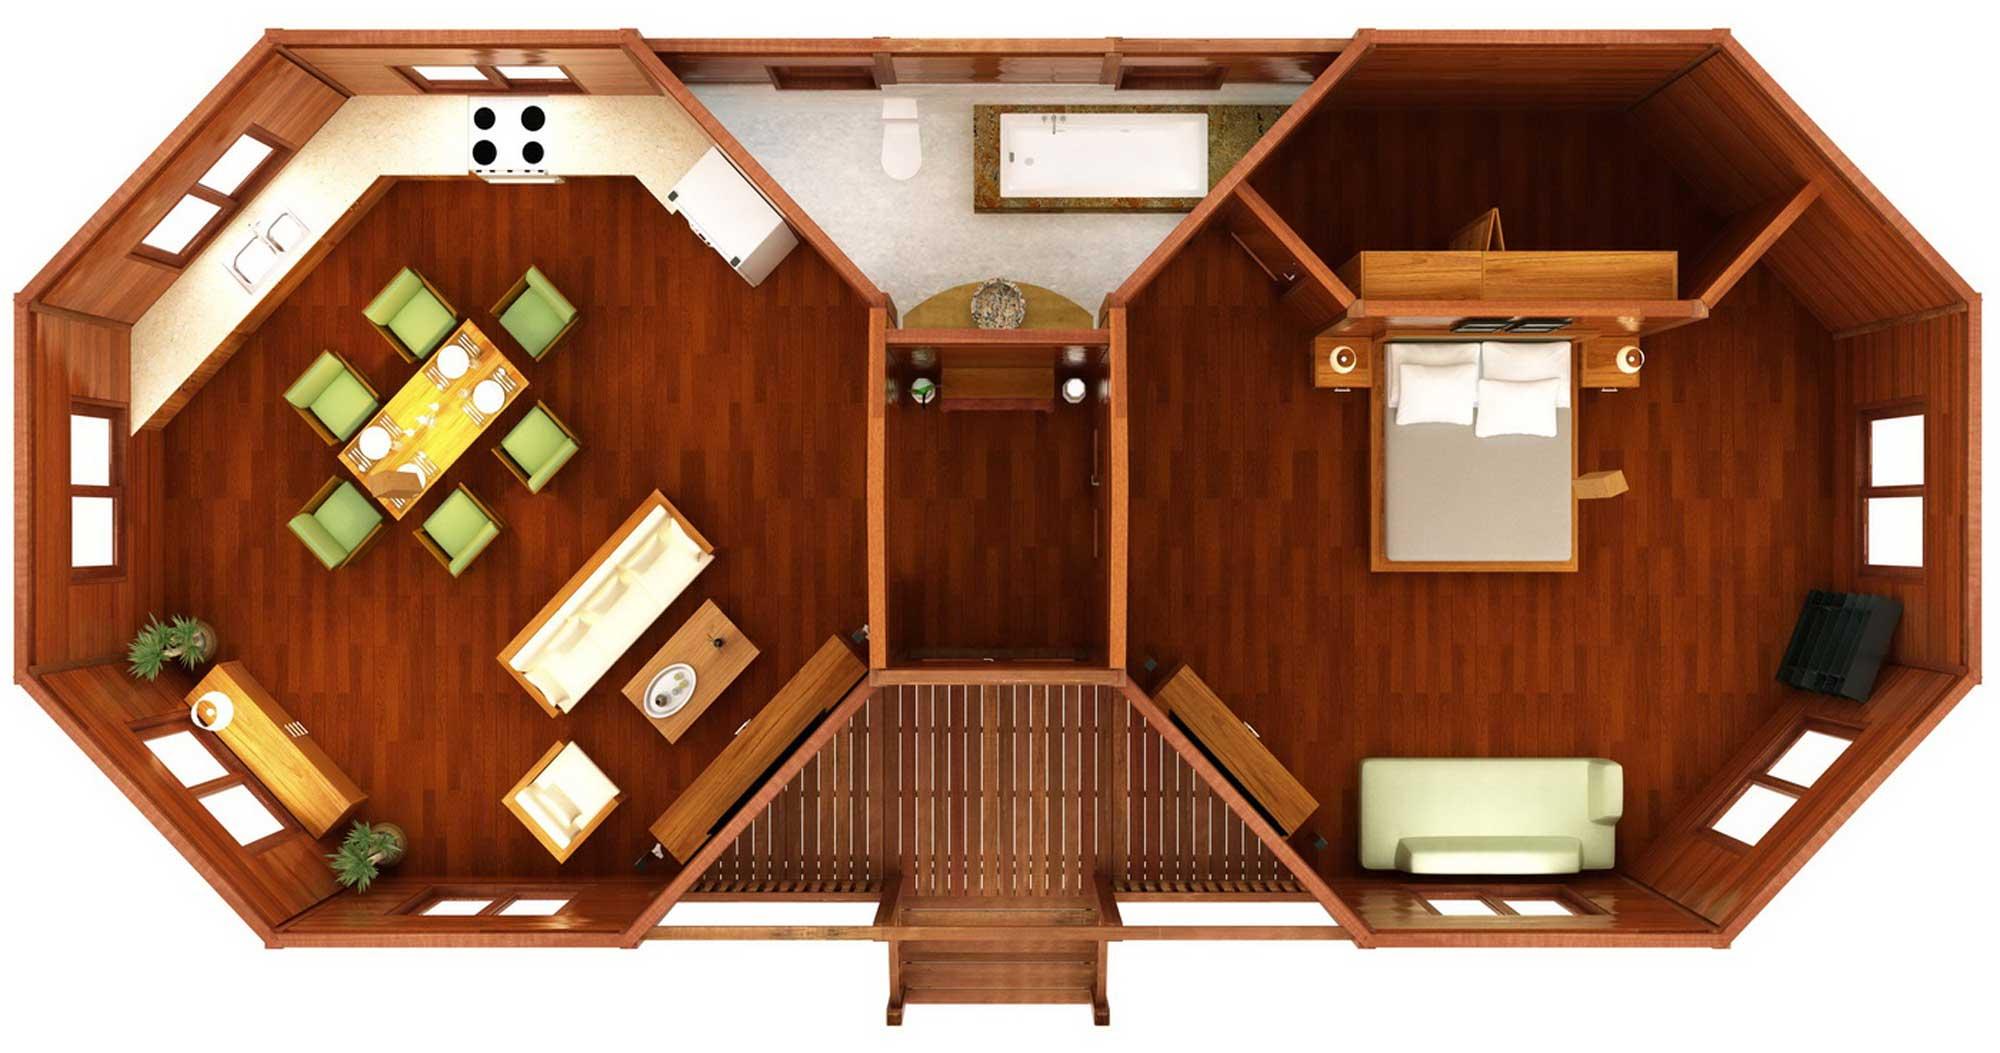 Octagonal Floor Plans